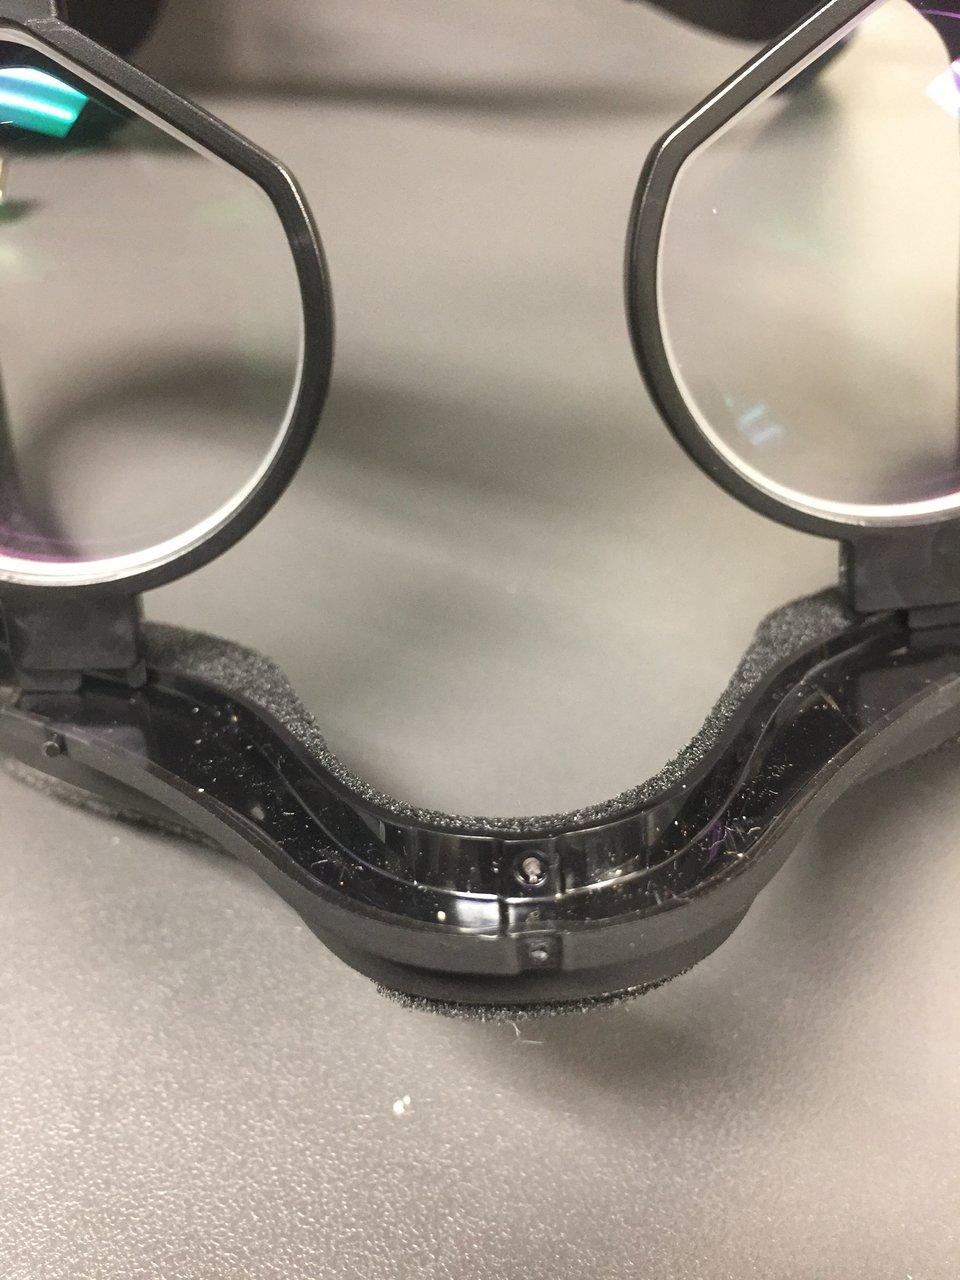 Review: Widmovr Lense Adapter | [H]ard|Forum